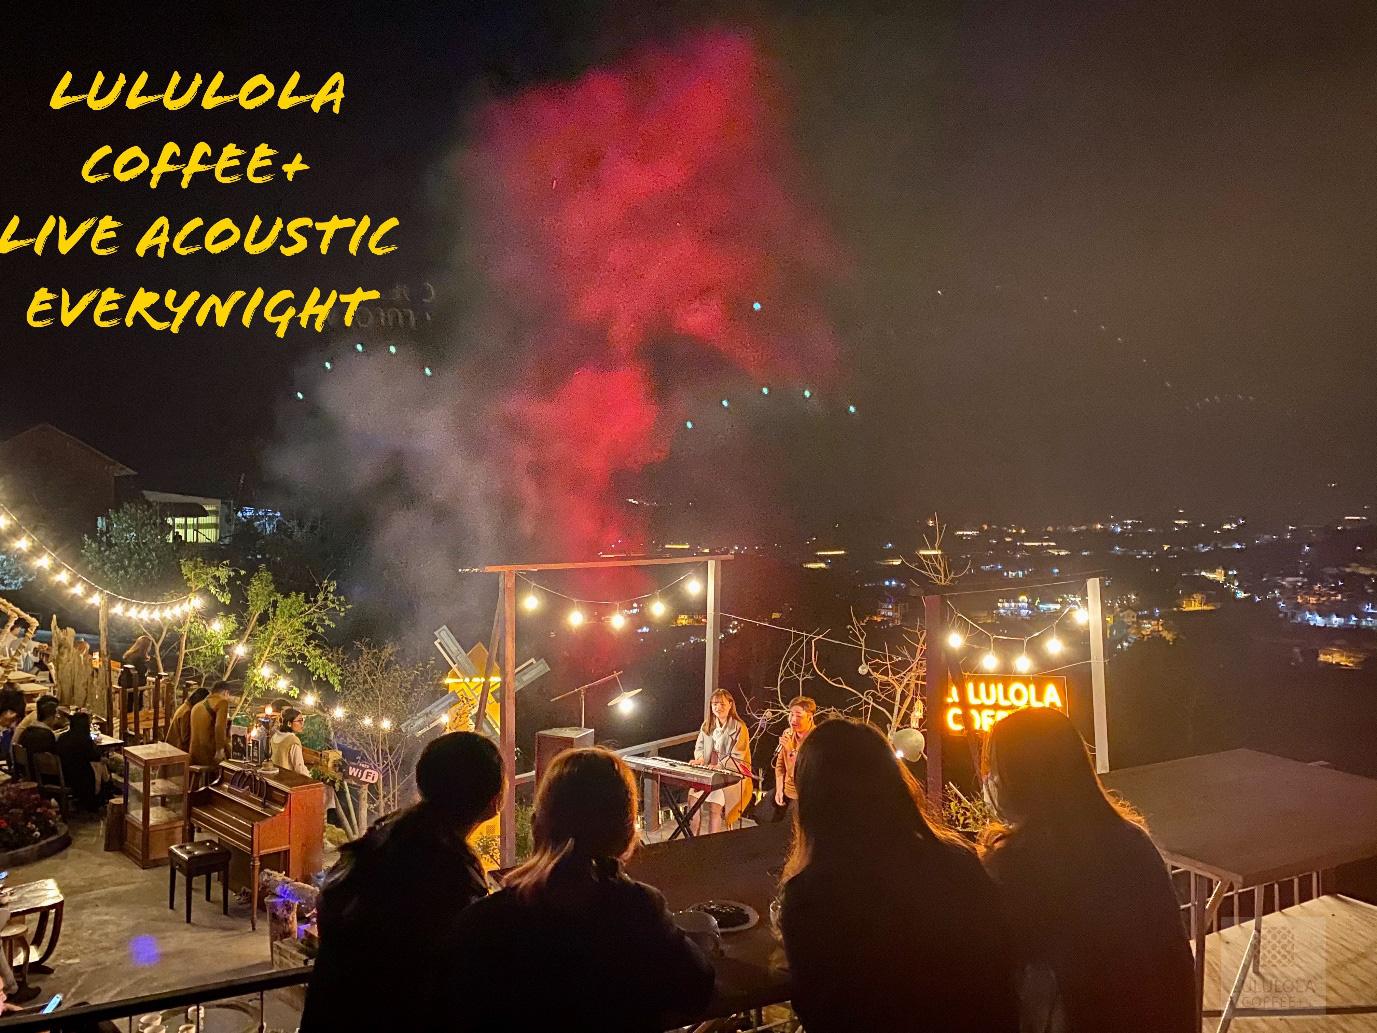 """Lululola Coffee+ cà phê acoustic với không gian """"Chill"""" tại Đà lạt - Ảnh 3."""